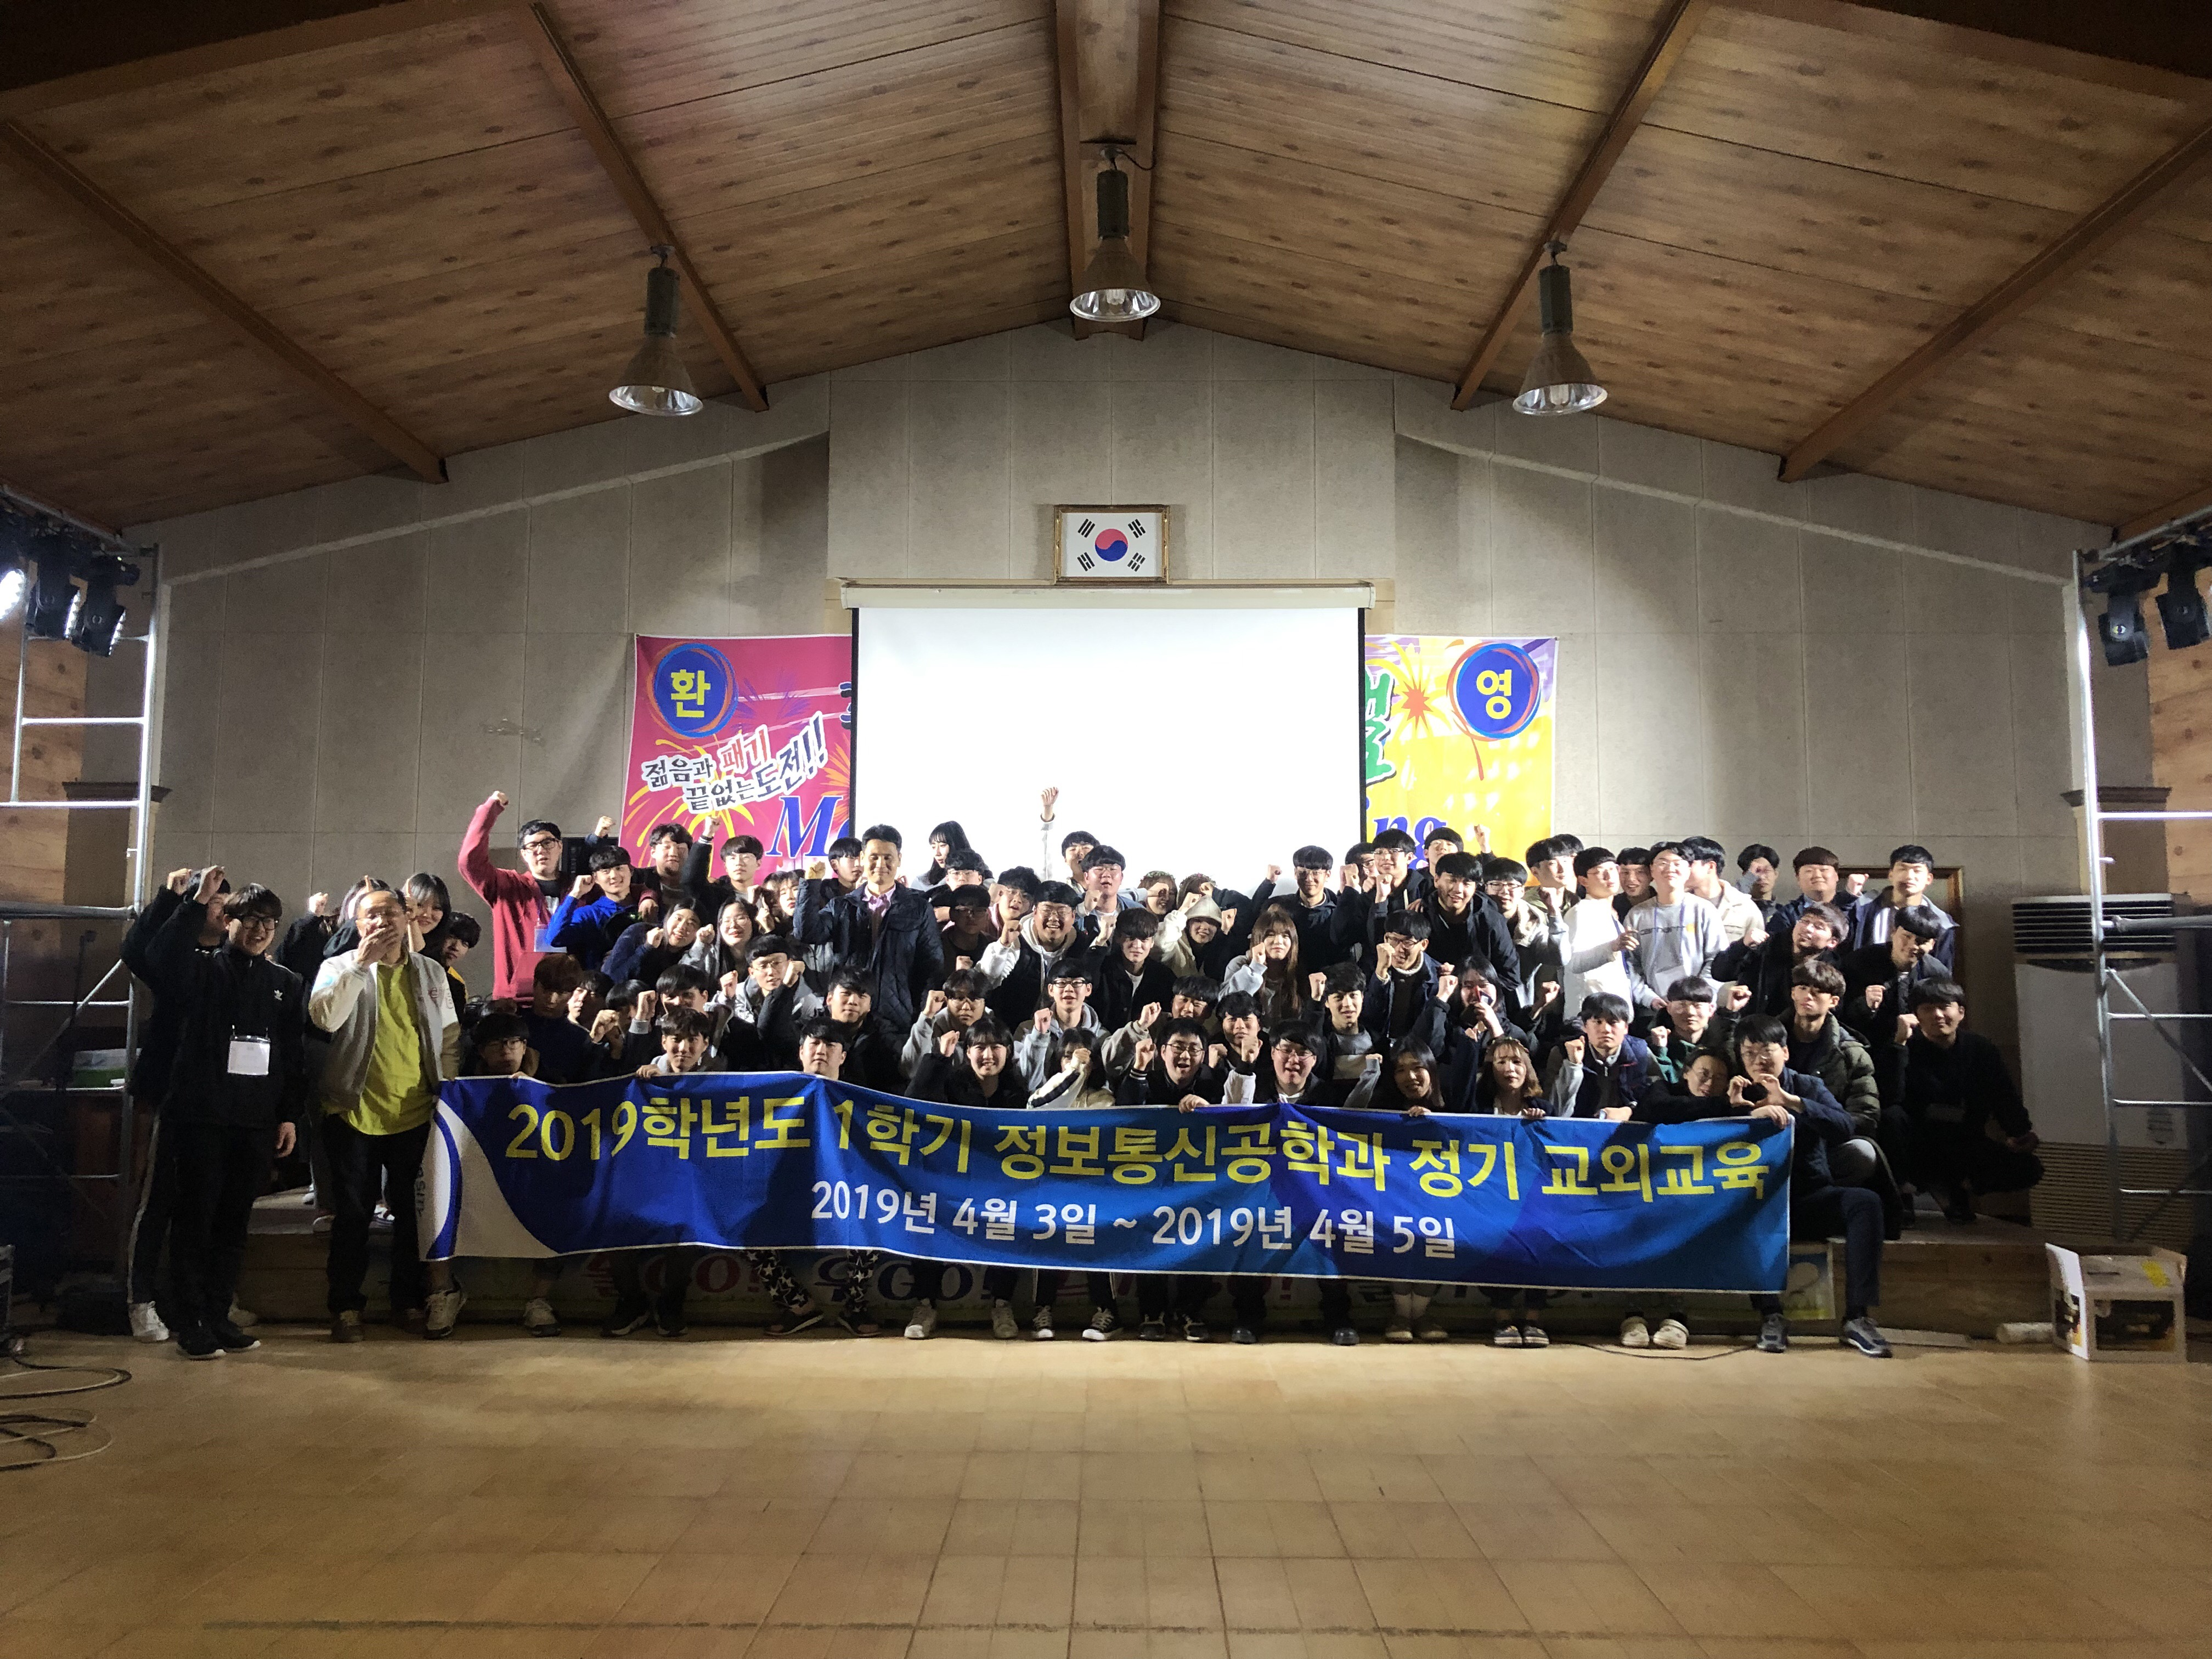 2019년 1학기 교외교육